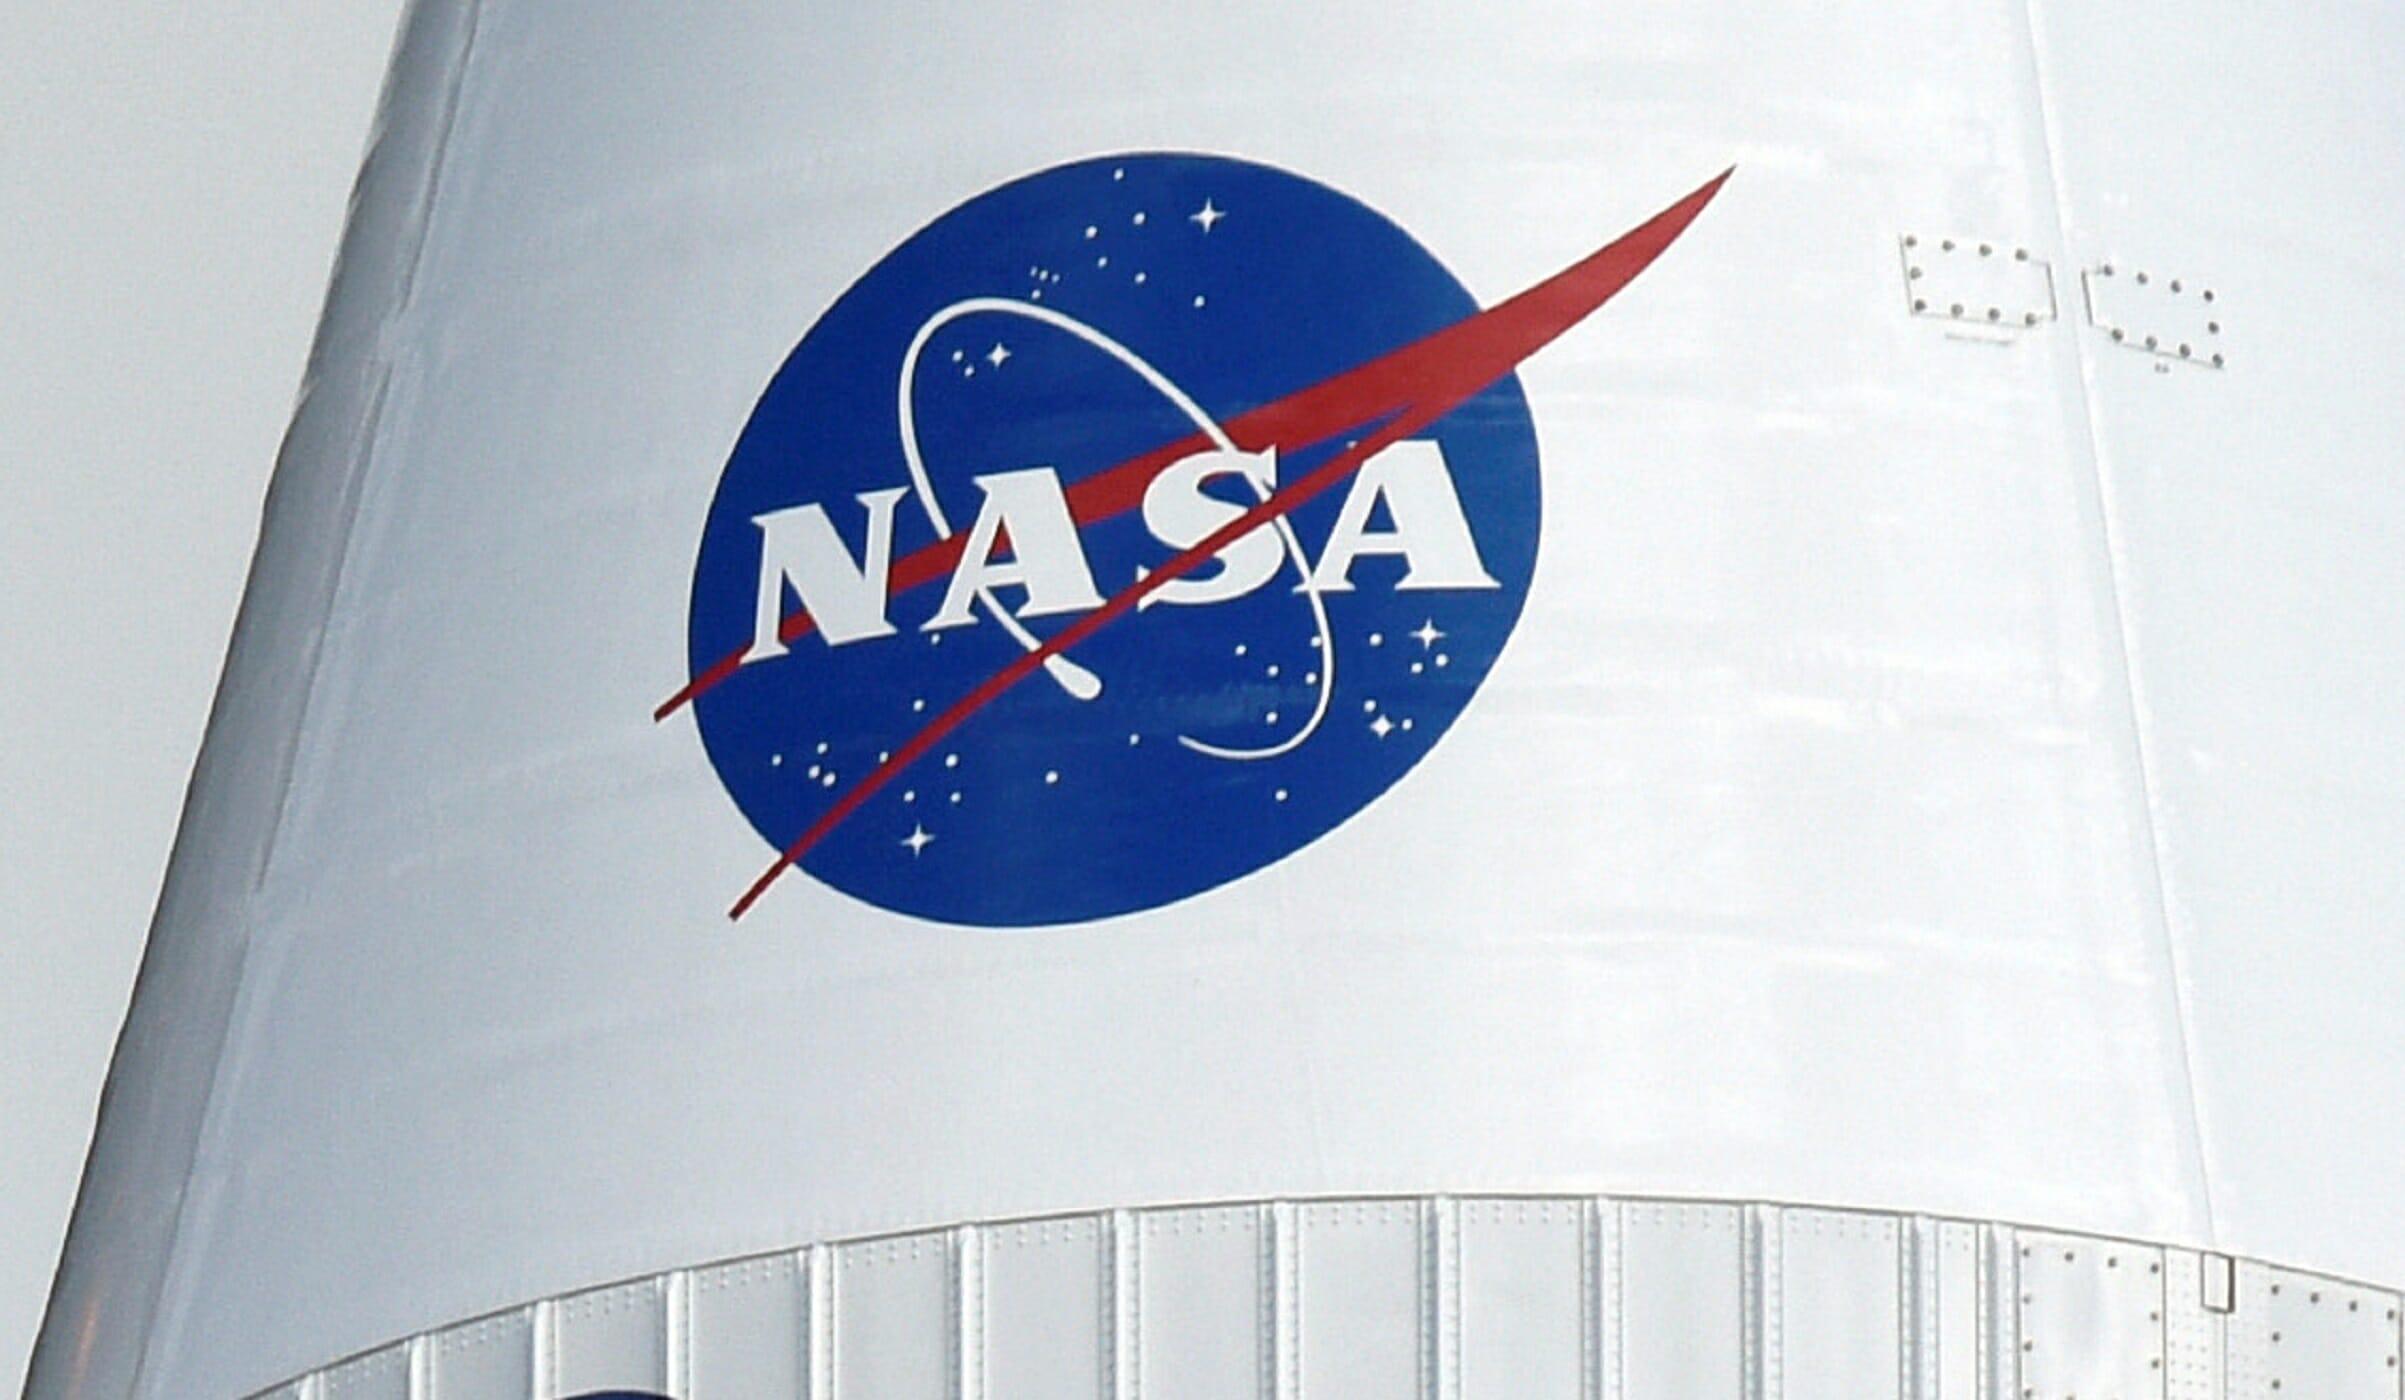 Νέους αστροναύτες ζητά να προσλάβει η NASA